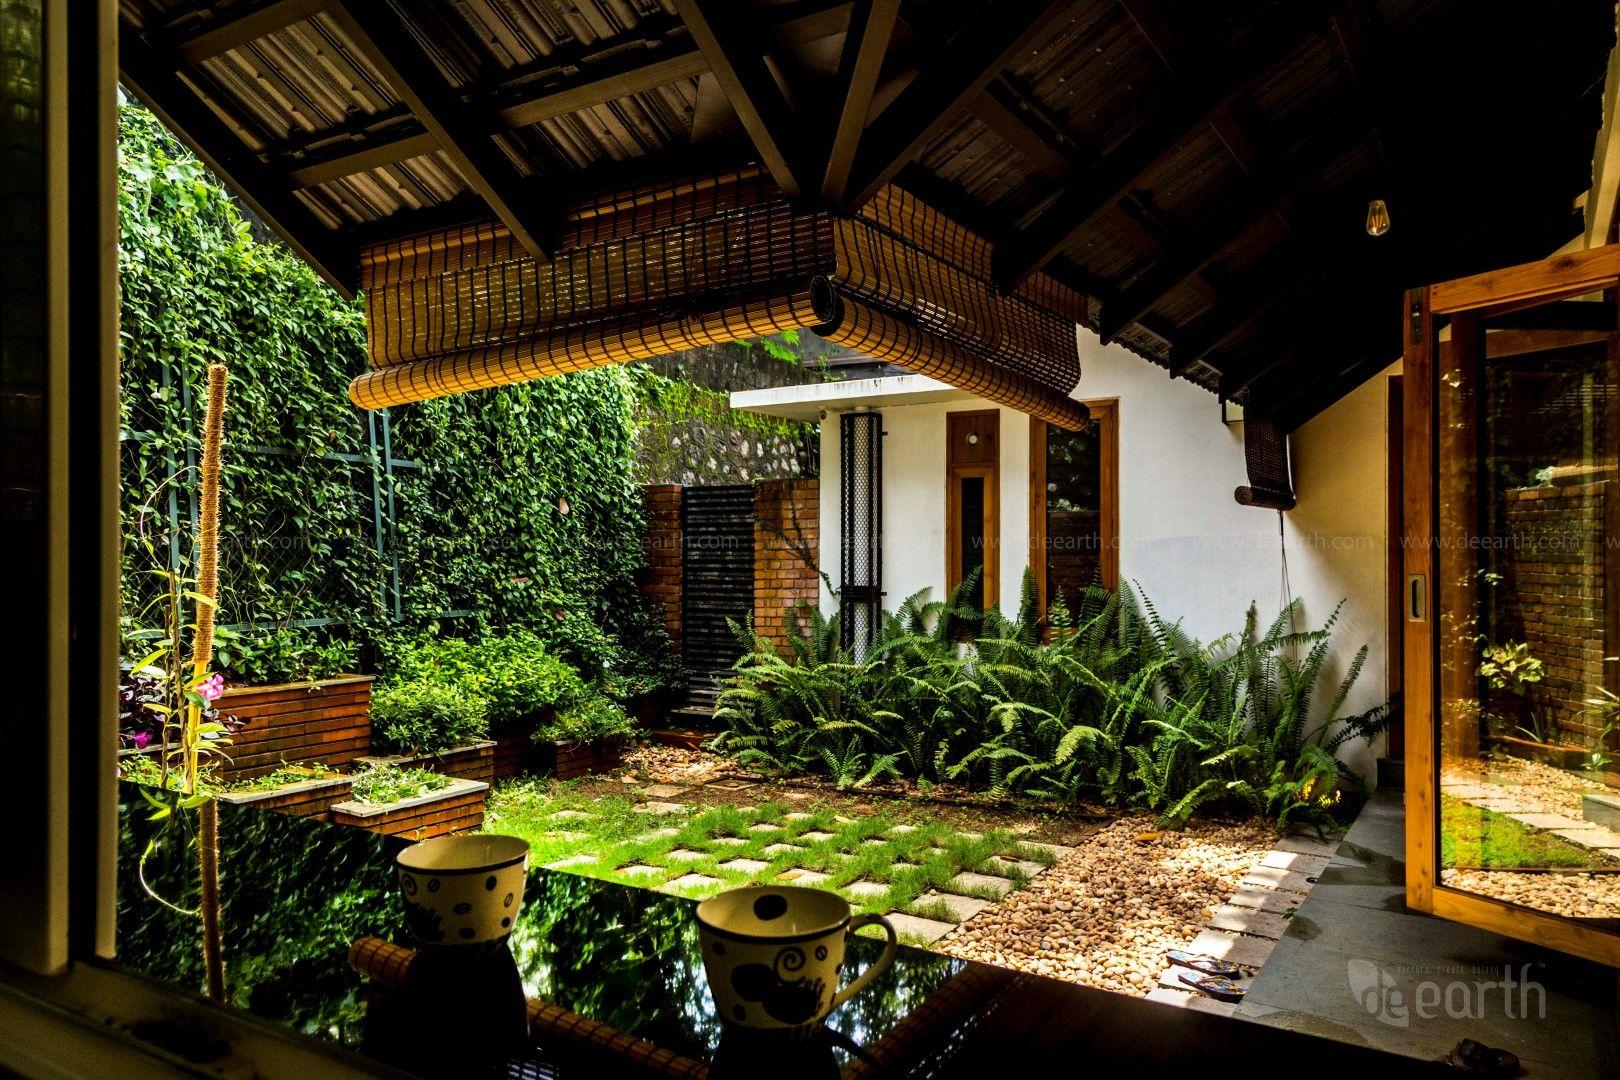 The Garden House With Images Courtyard Design Home Garden